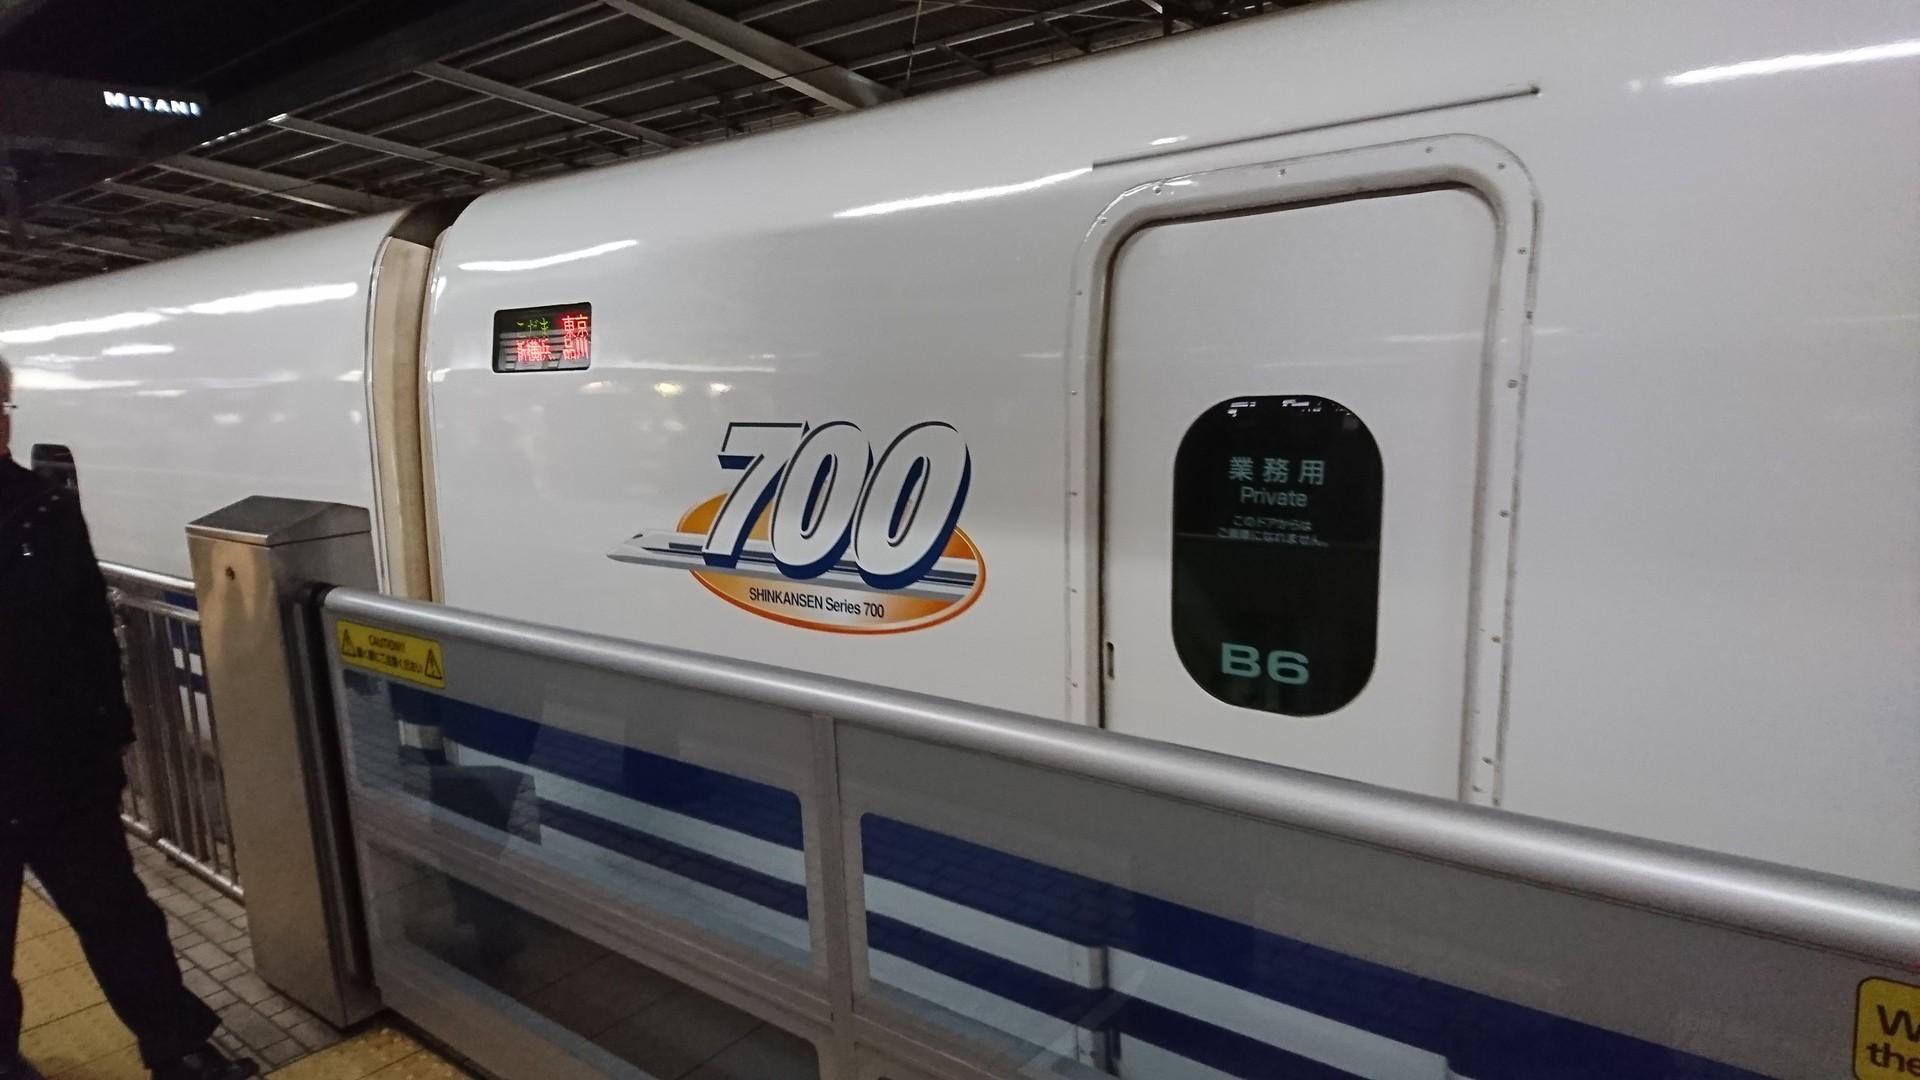 348aa30e58 こだま680号は700系B編成でした。どんどん数が減っているようです。これが最後の乗車となりますでしょうか…